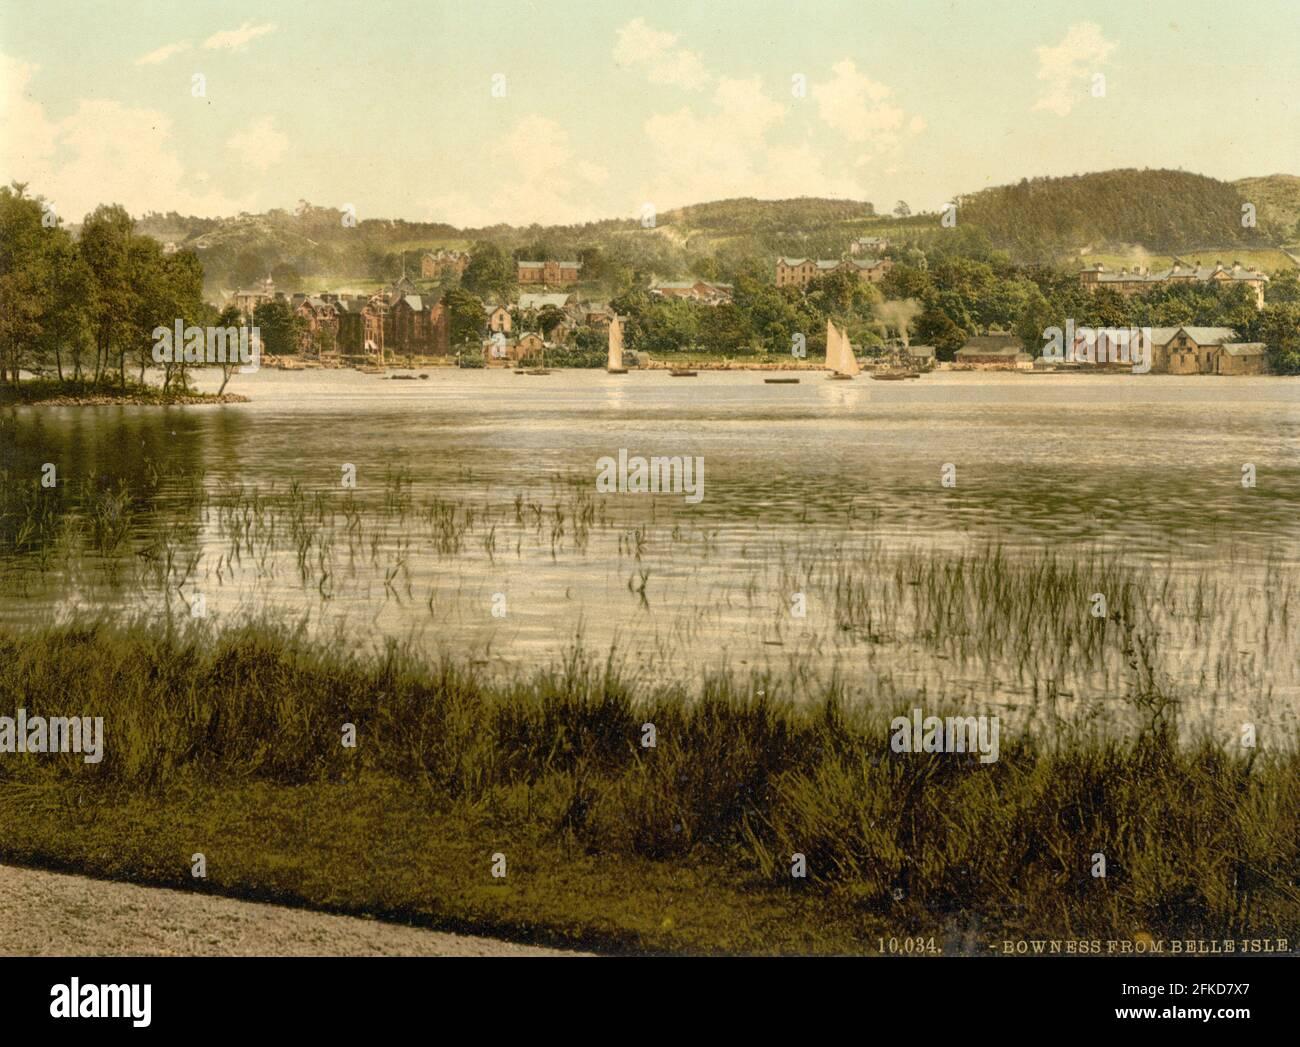 Bowness de Belle Isle dans le Lake District, Cumbria vers 1890-1900 Banque D'Images